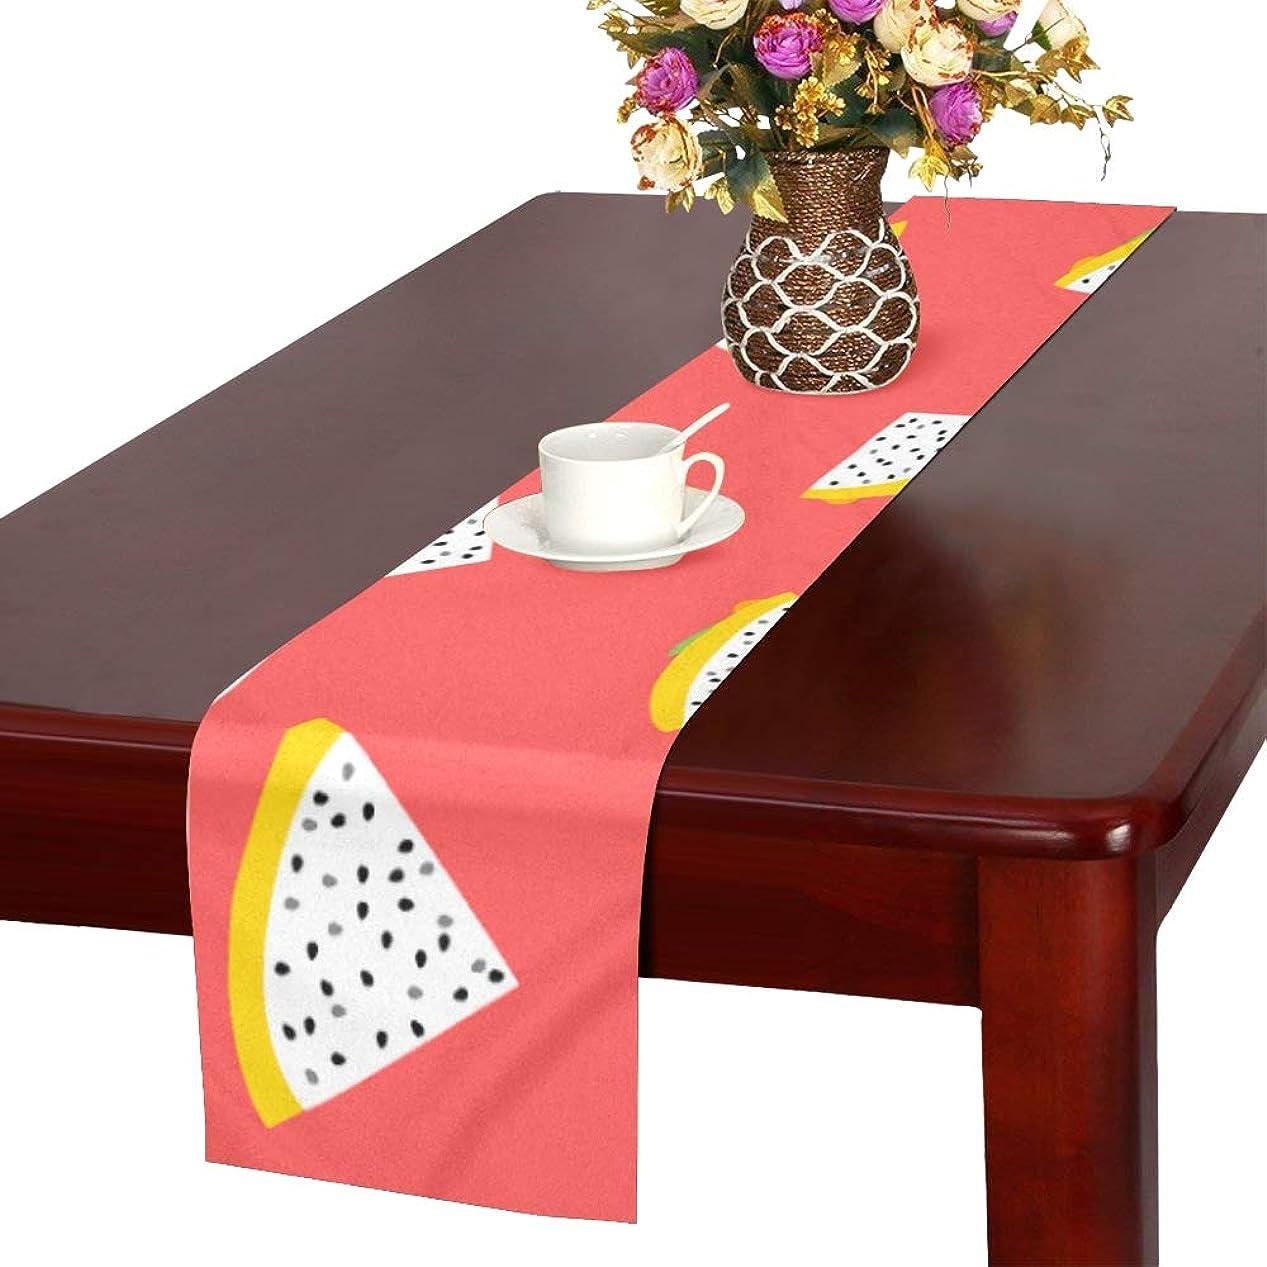 大胆支援する履歴書LKCDNG テーブルランナー 美味しいドラゴンフルーツ クロス 食卓カバー 麻綿製 欧米 おしゃれ 16 Inch X 72 Inch (40cm X 182cm) キッチン ダイニング ホーム デコレーション モダン リビング 洗える